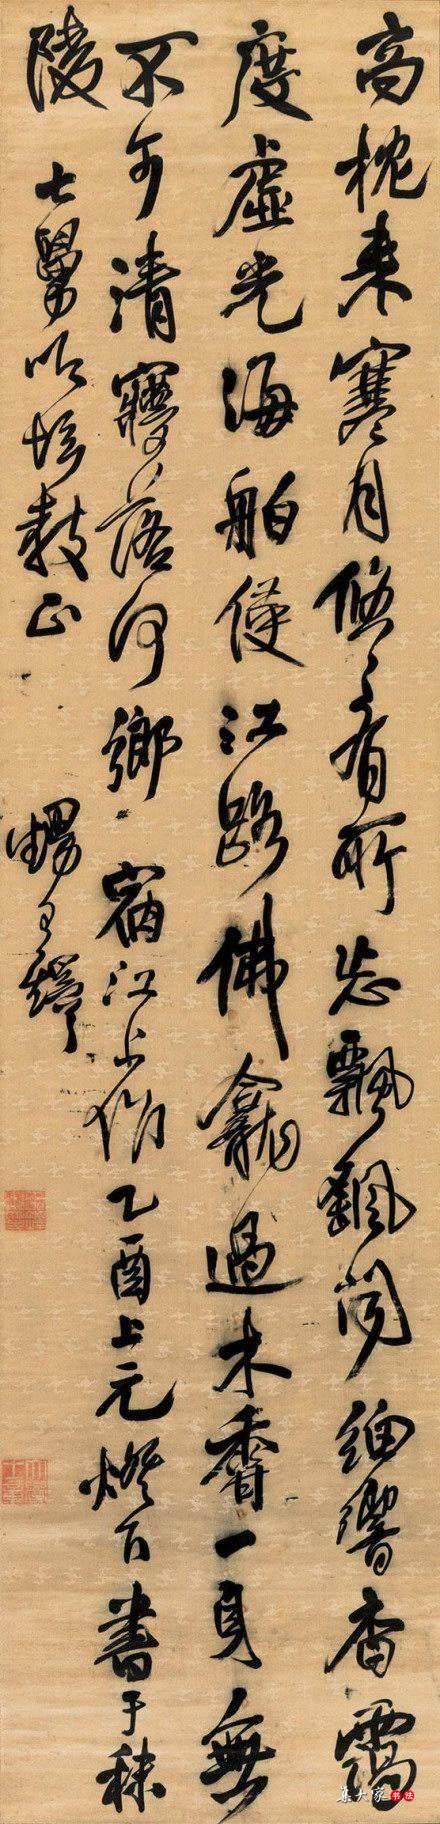 王铎的书法笔记